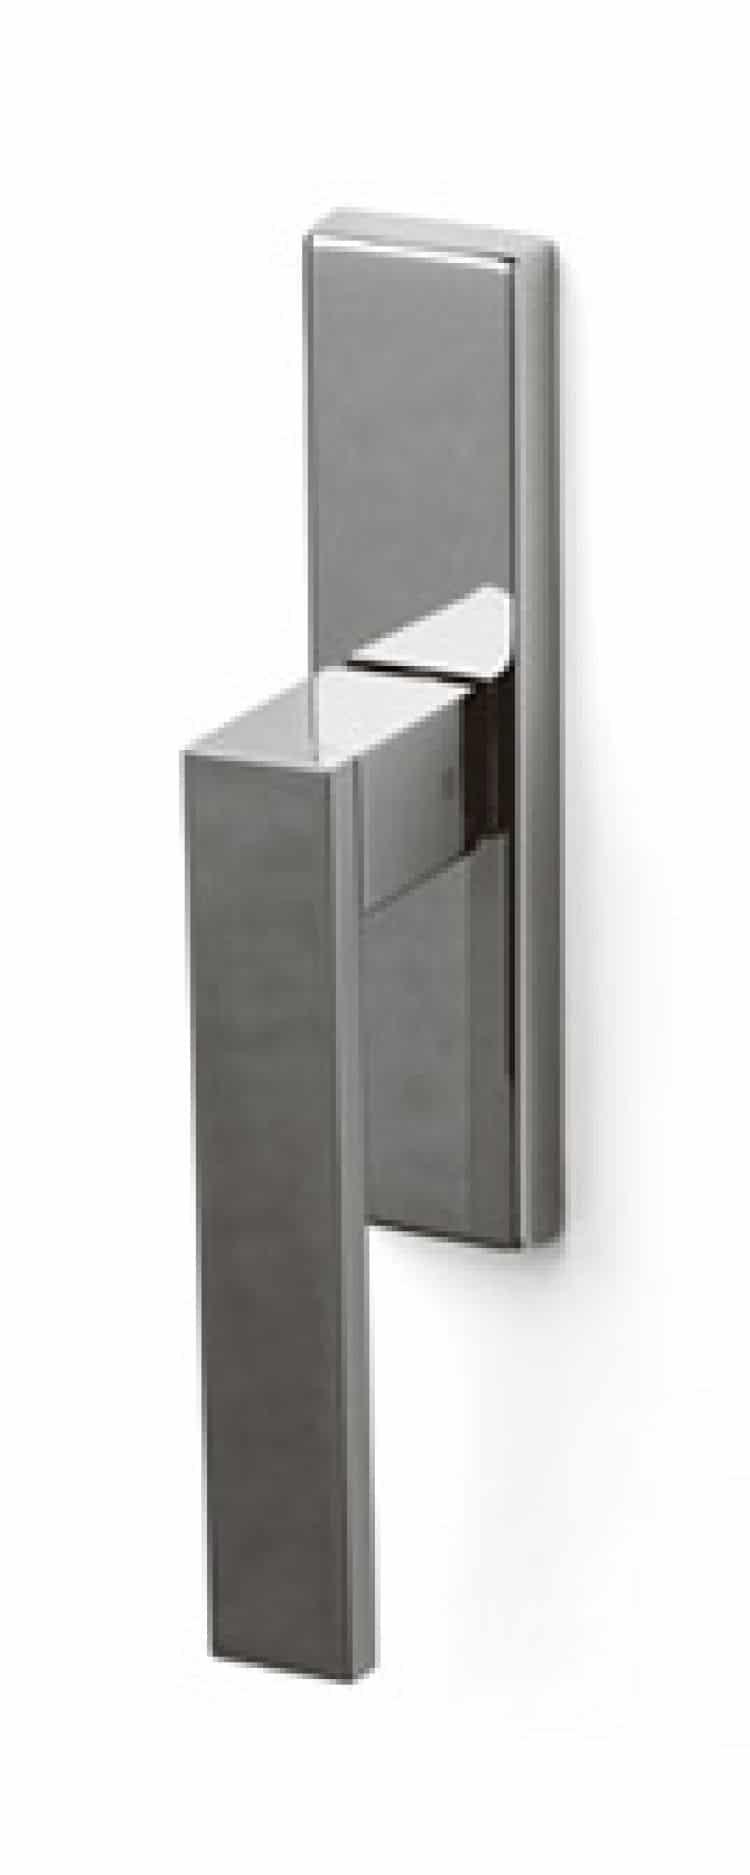 Maniglia design olivari diana maniglia per finestra - Maniglie finestre prezzi ...